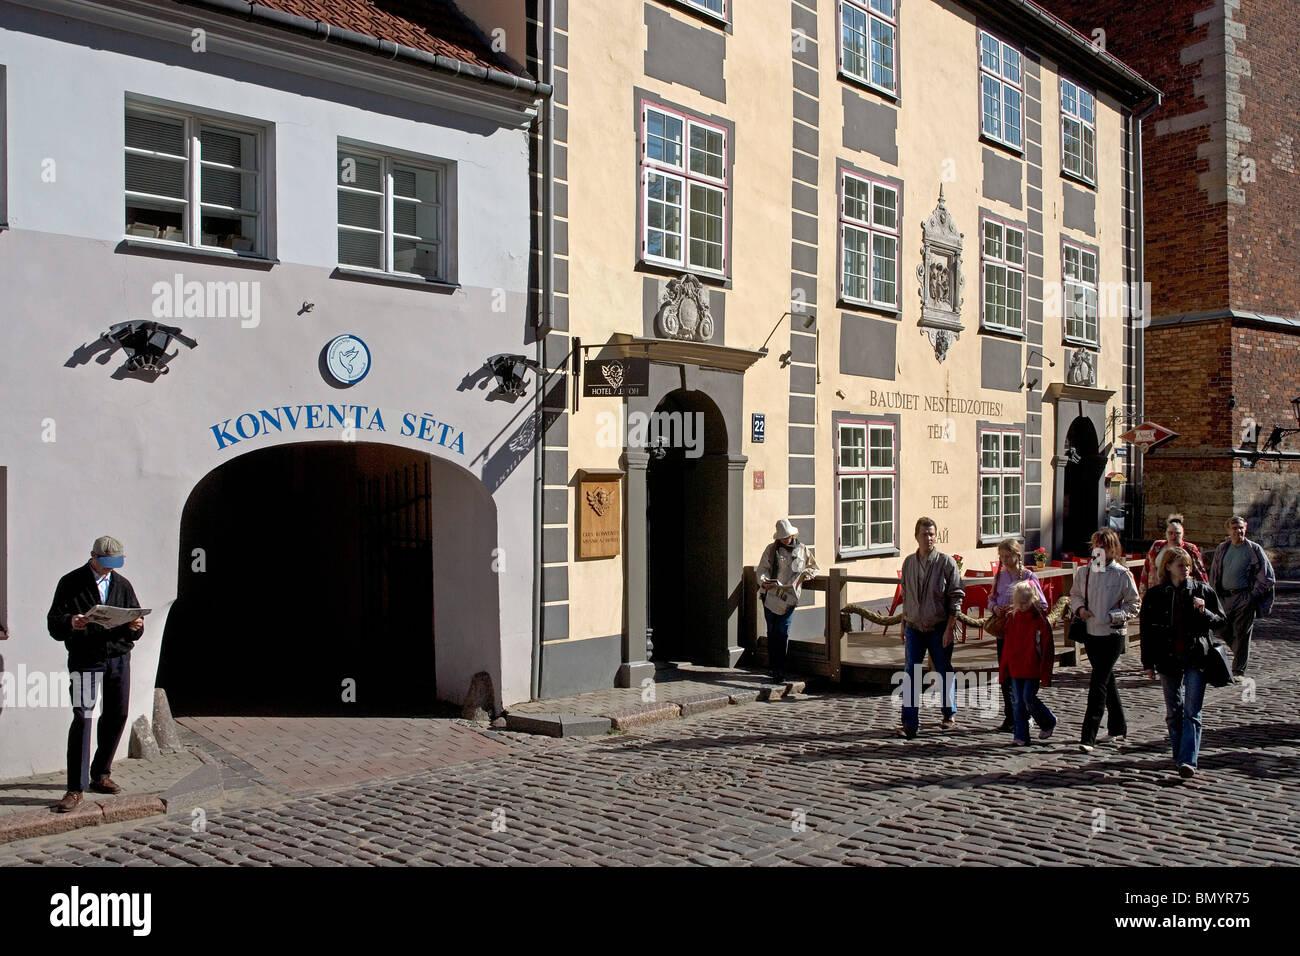 La lettonia,Riga,Convento's Yard,Konventa Seta Immagini Stock